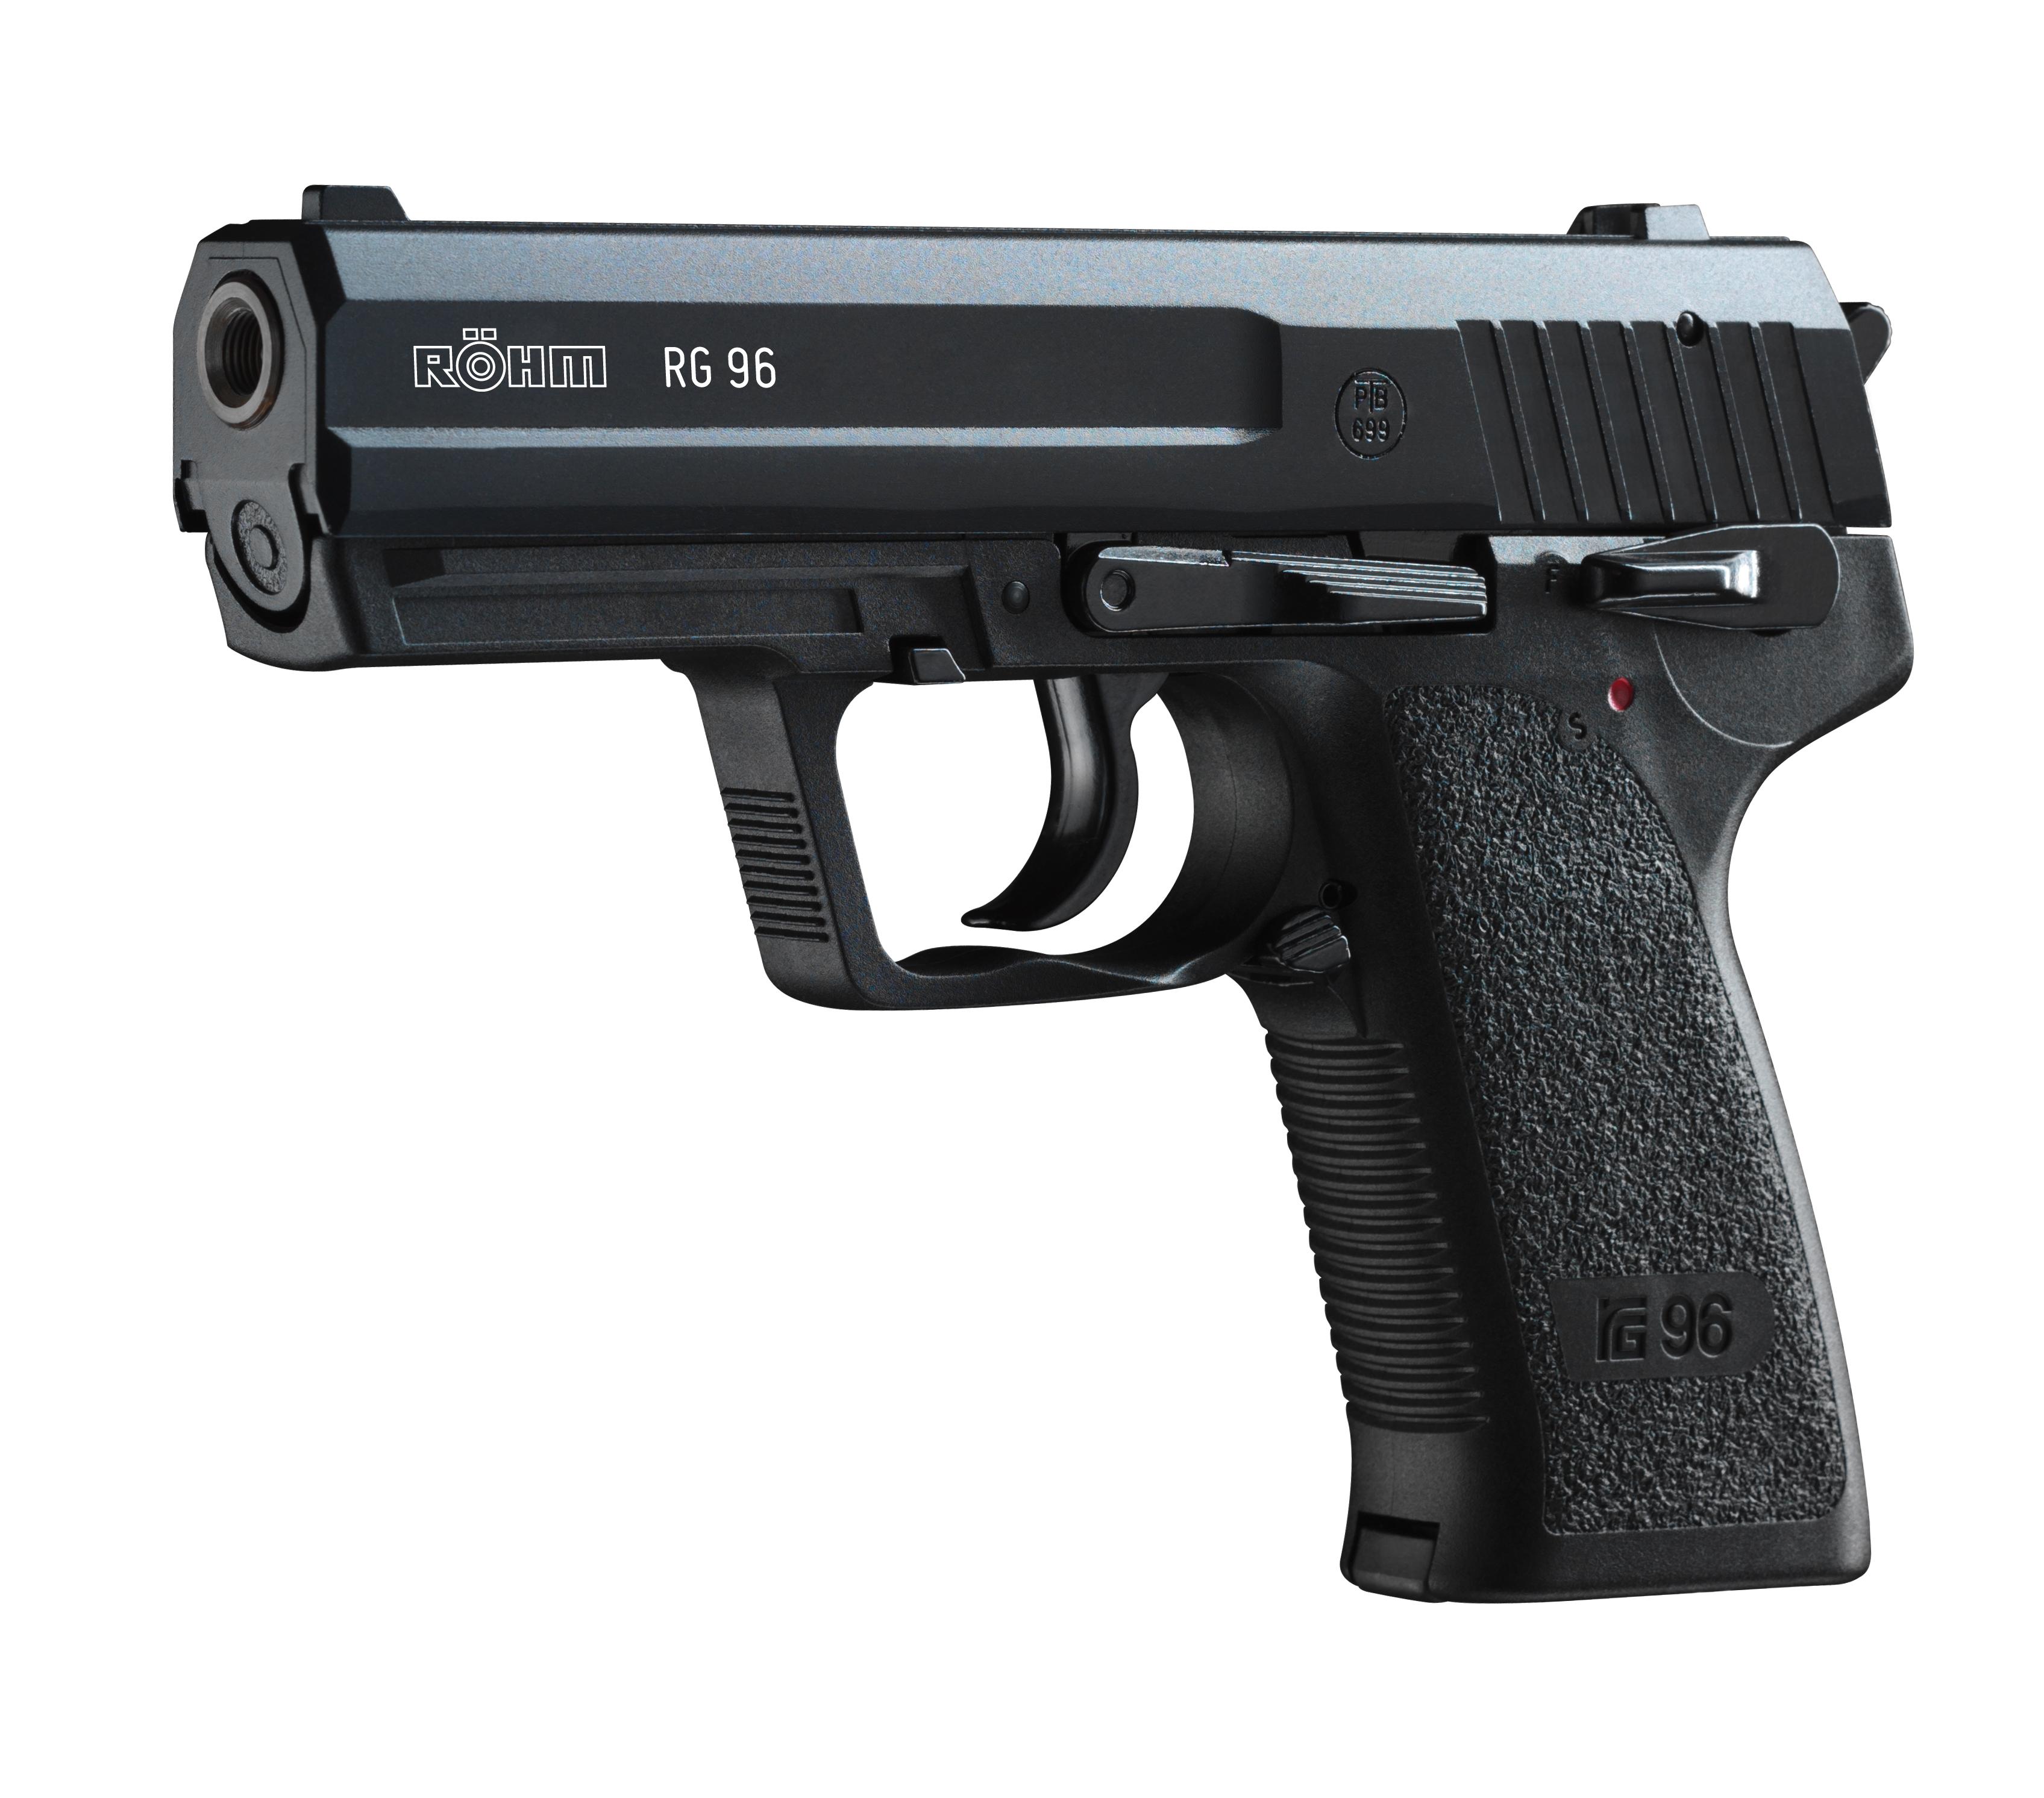 Schreckschusspistole Roehm RG 96, cal. 9mm P.A.K